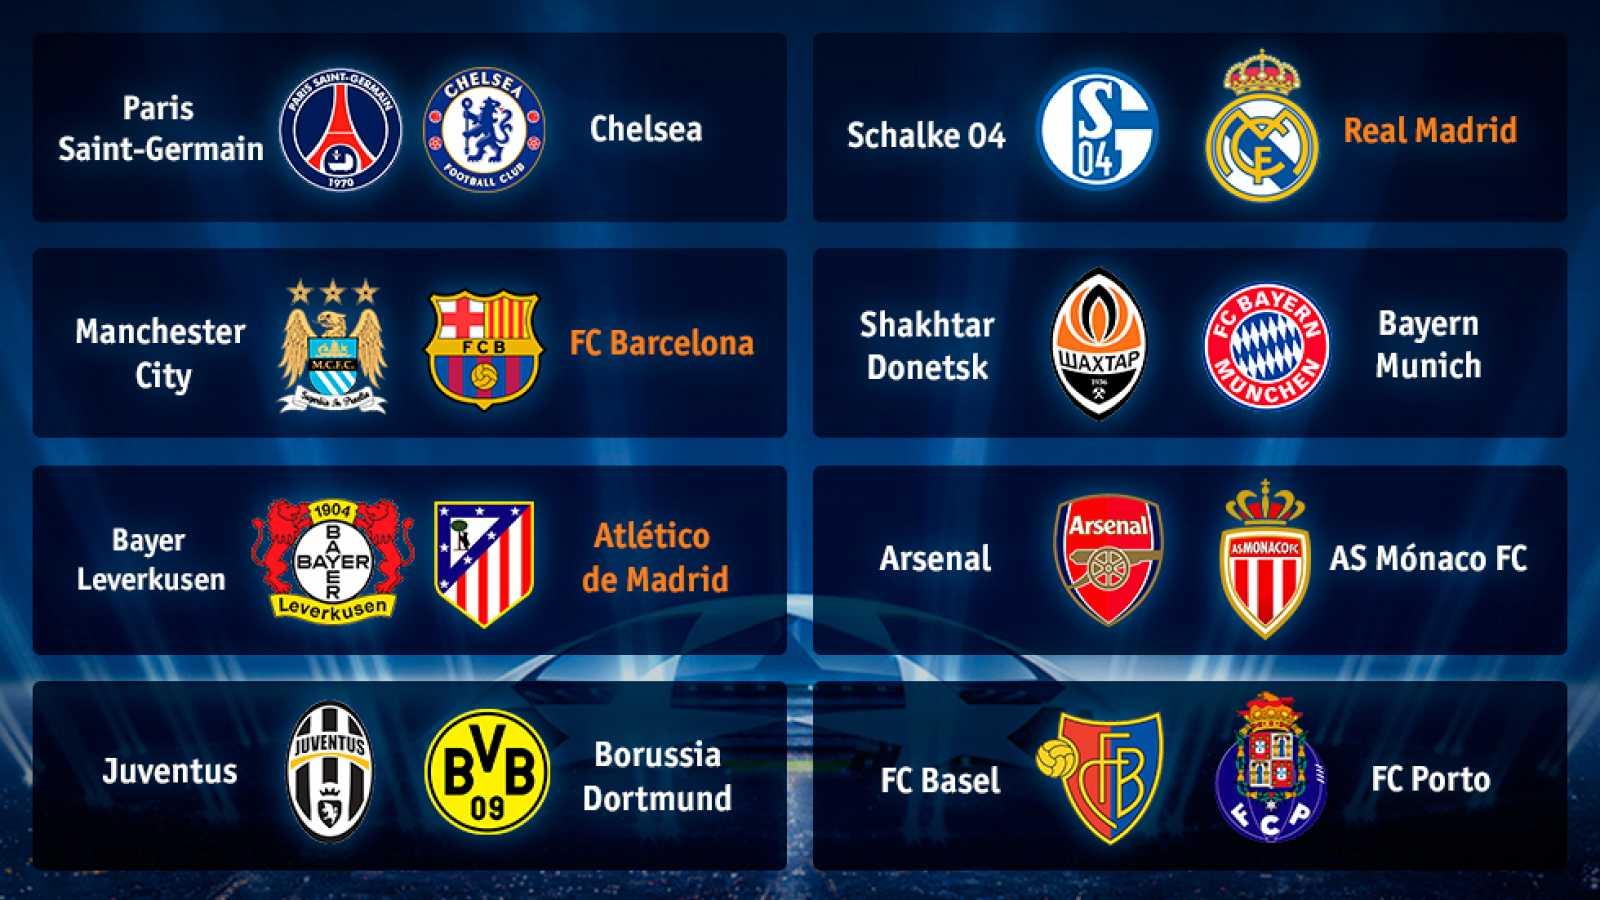 Madrid, Barça y Atlético ya conocen a sus rivales de Champions